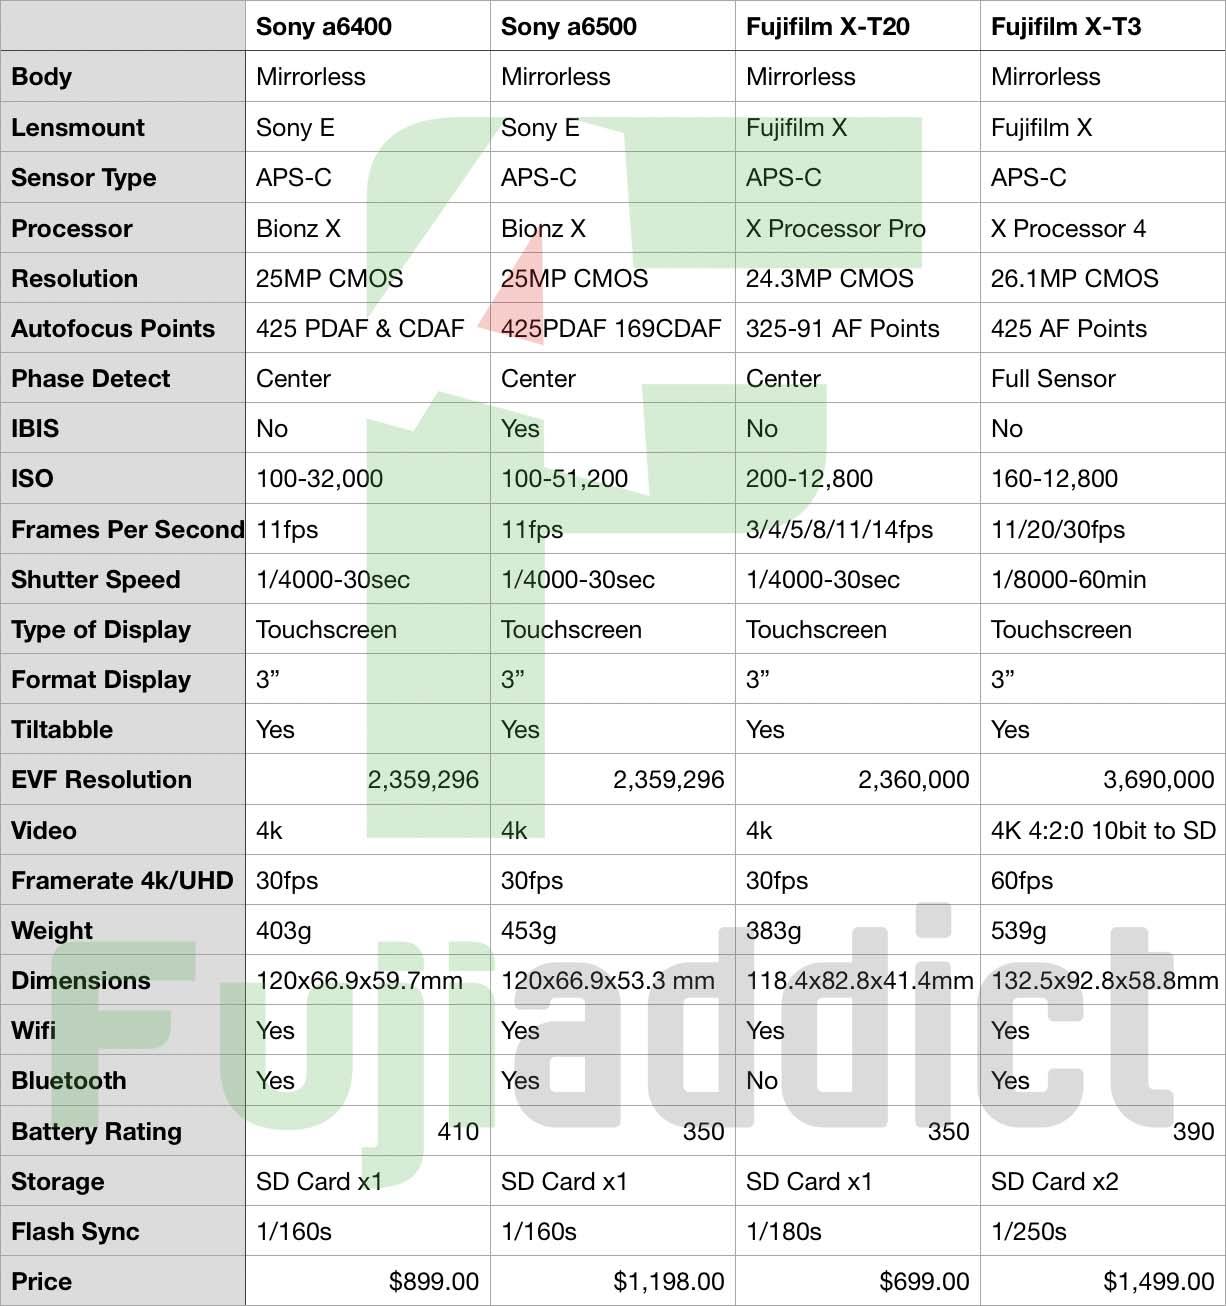 Competition: Sony a6400 vs Sony a6500 vs Fujifilm X-T20 vs